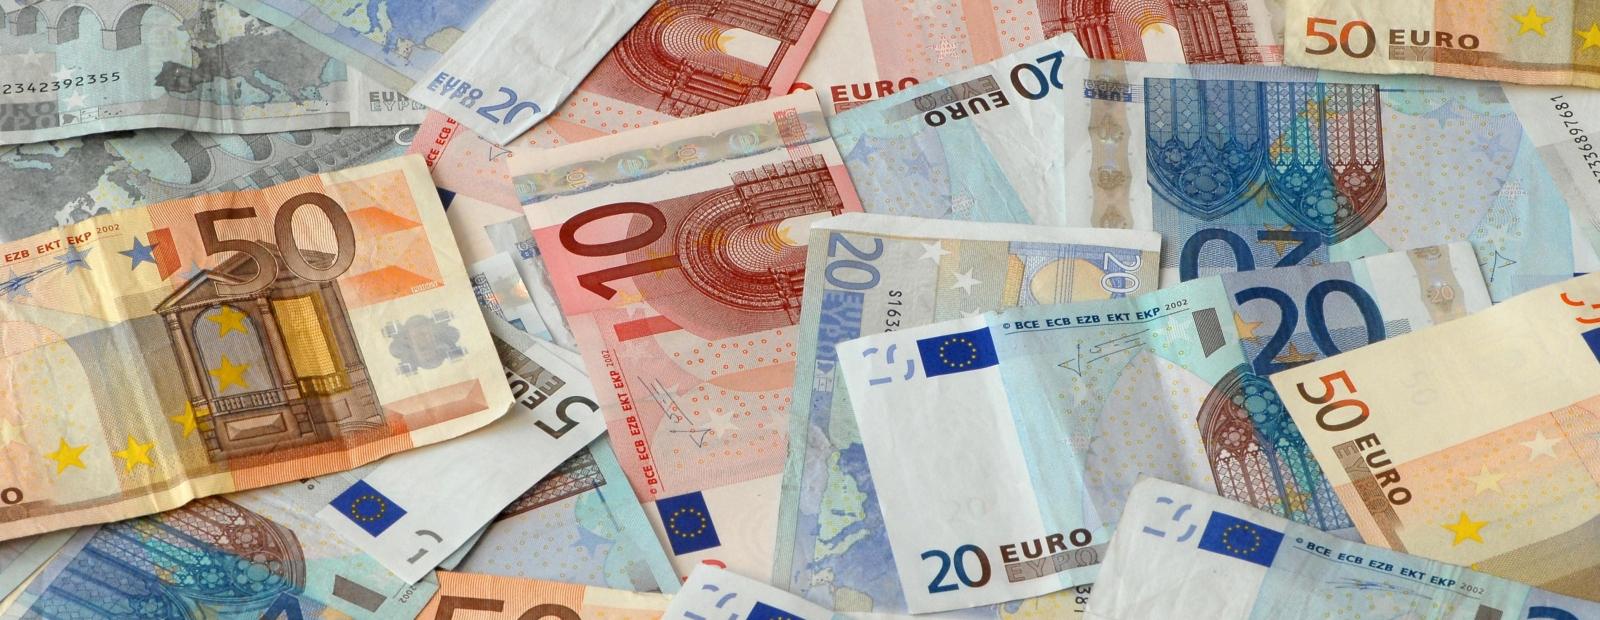 nauda nopelnīt ietaupīt kļūst bagātāka)